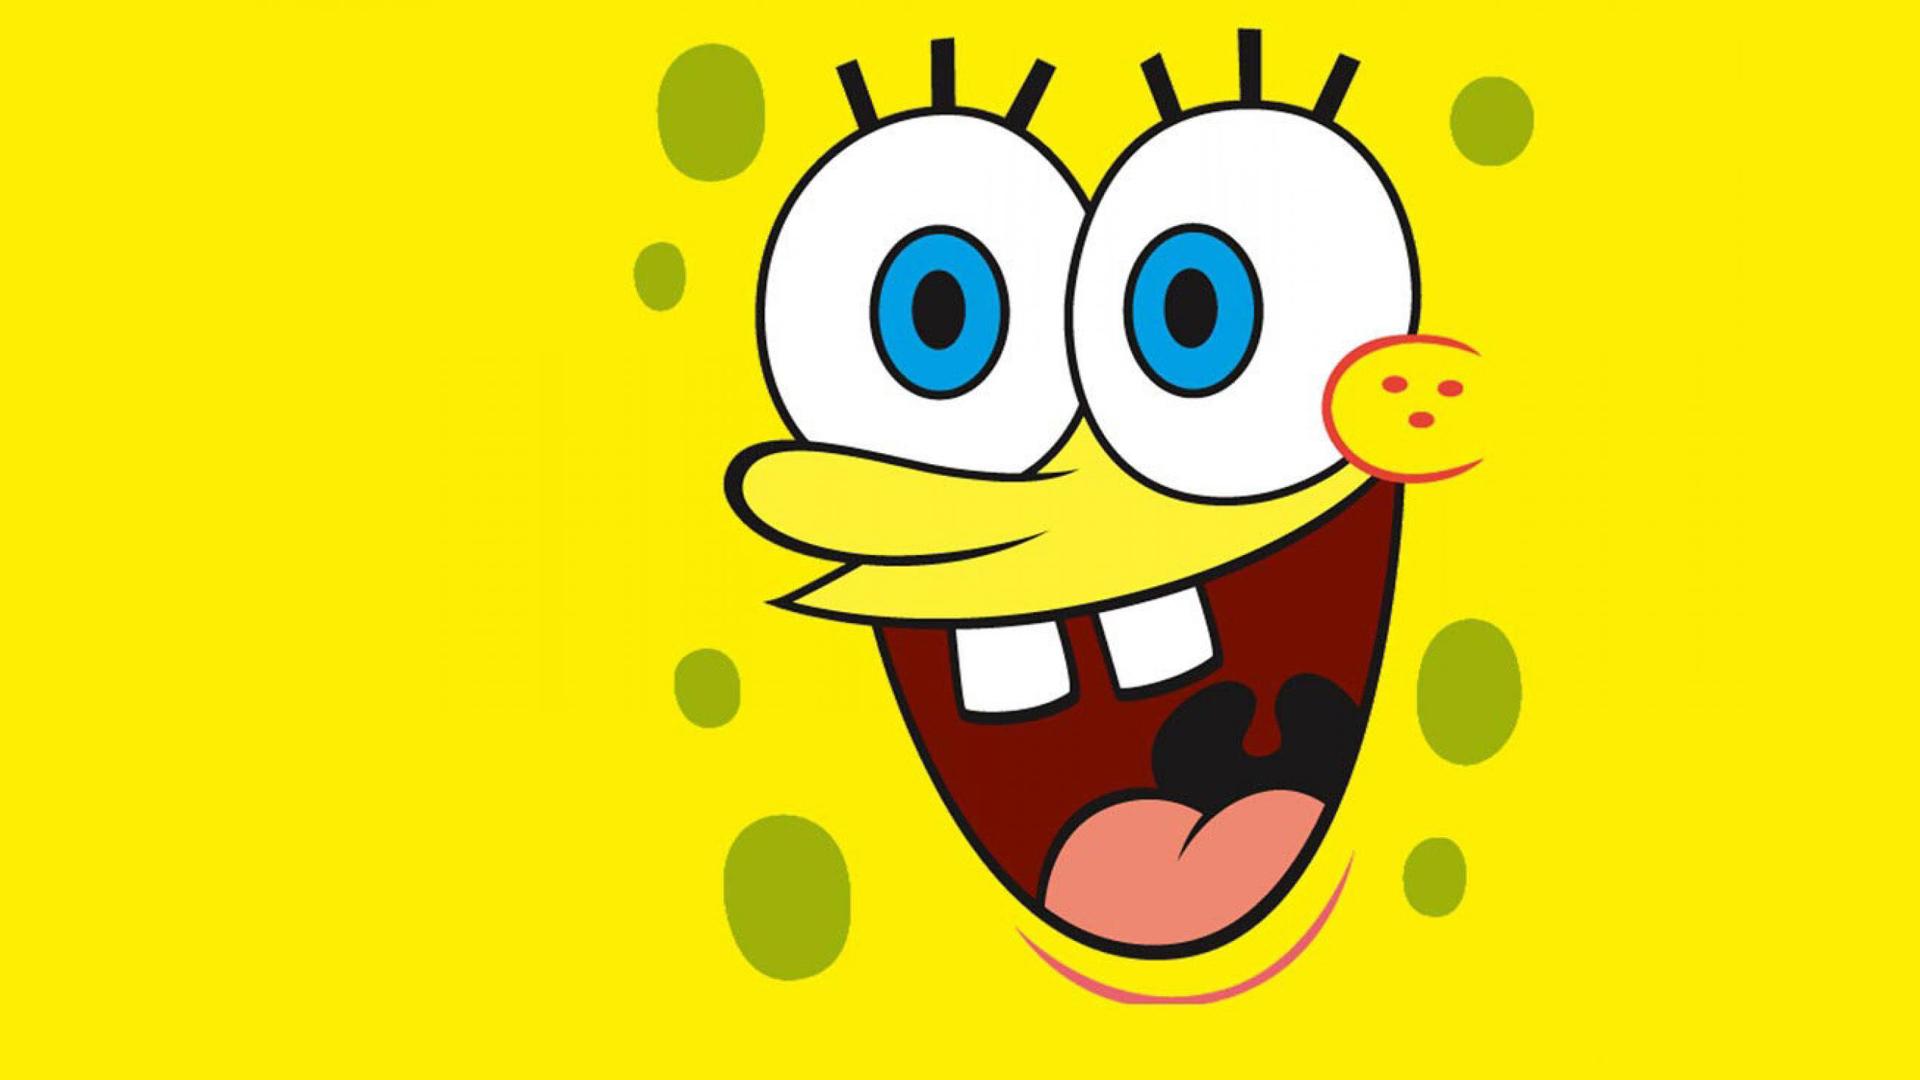 spongebob hd wallpaper wallpapersafari